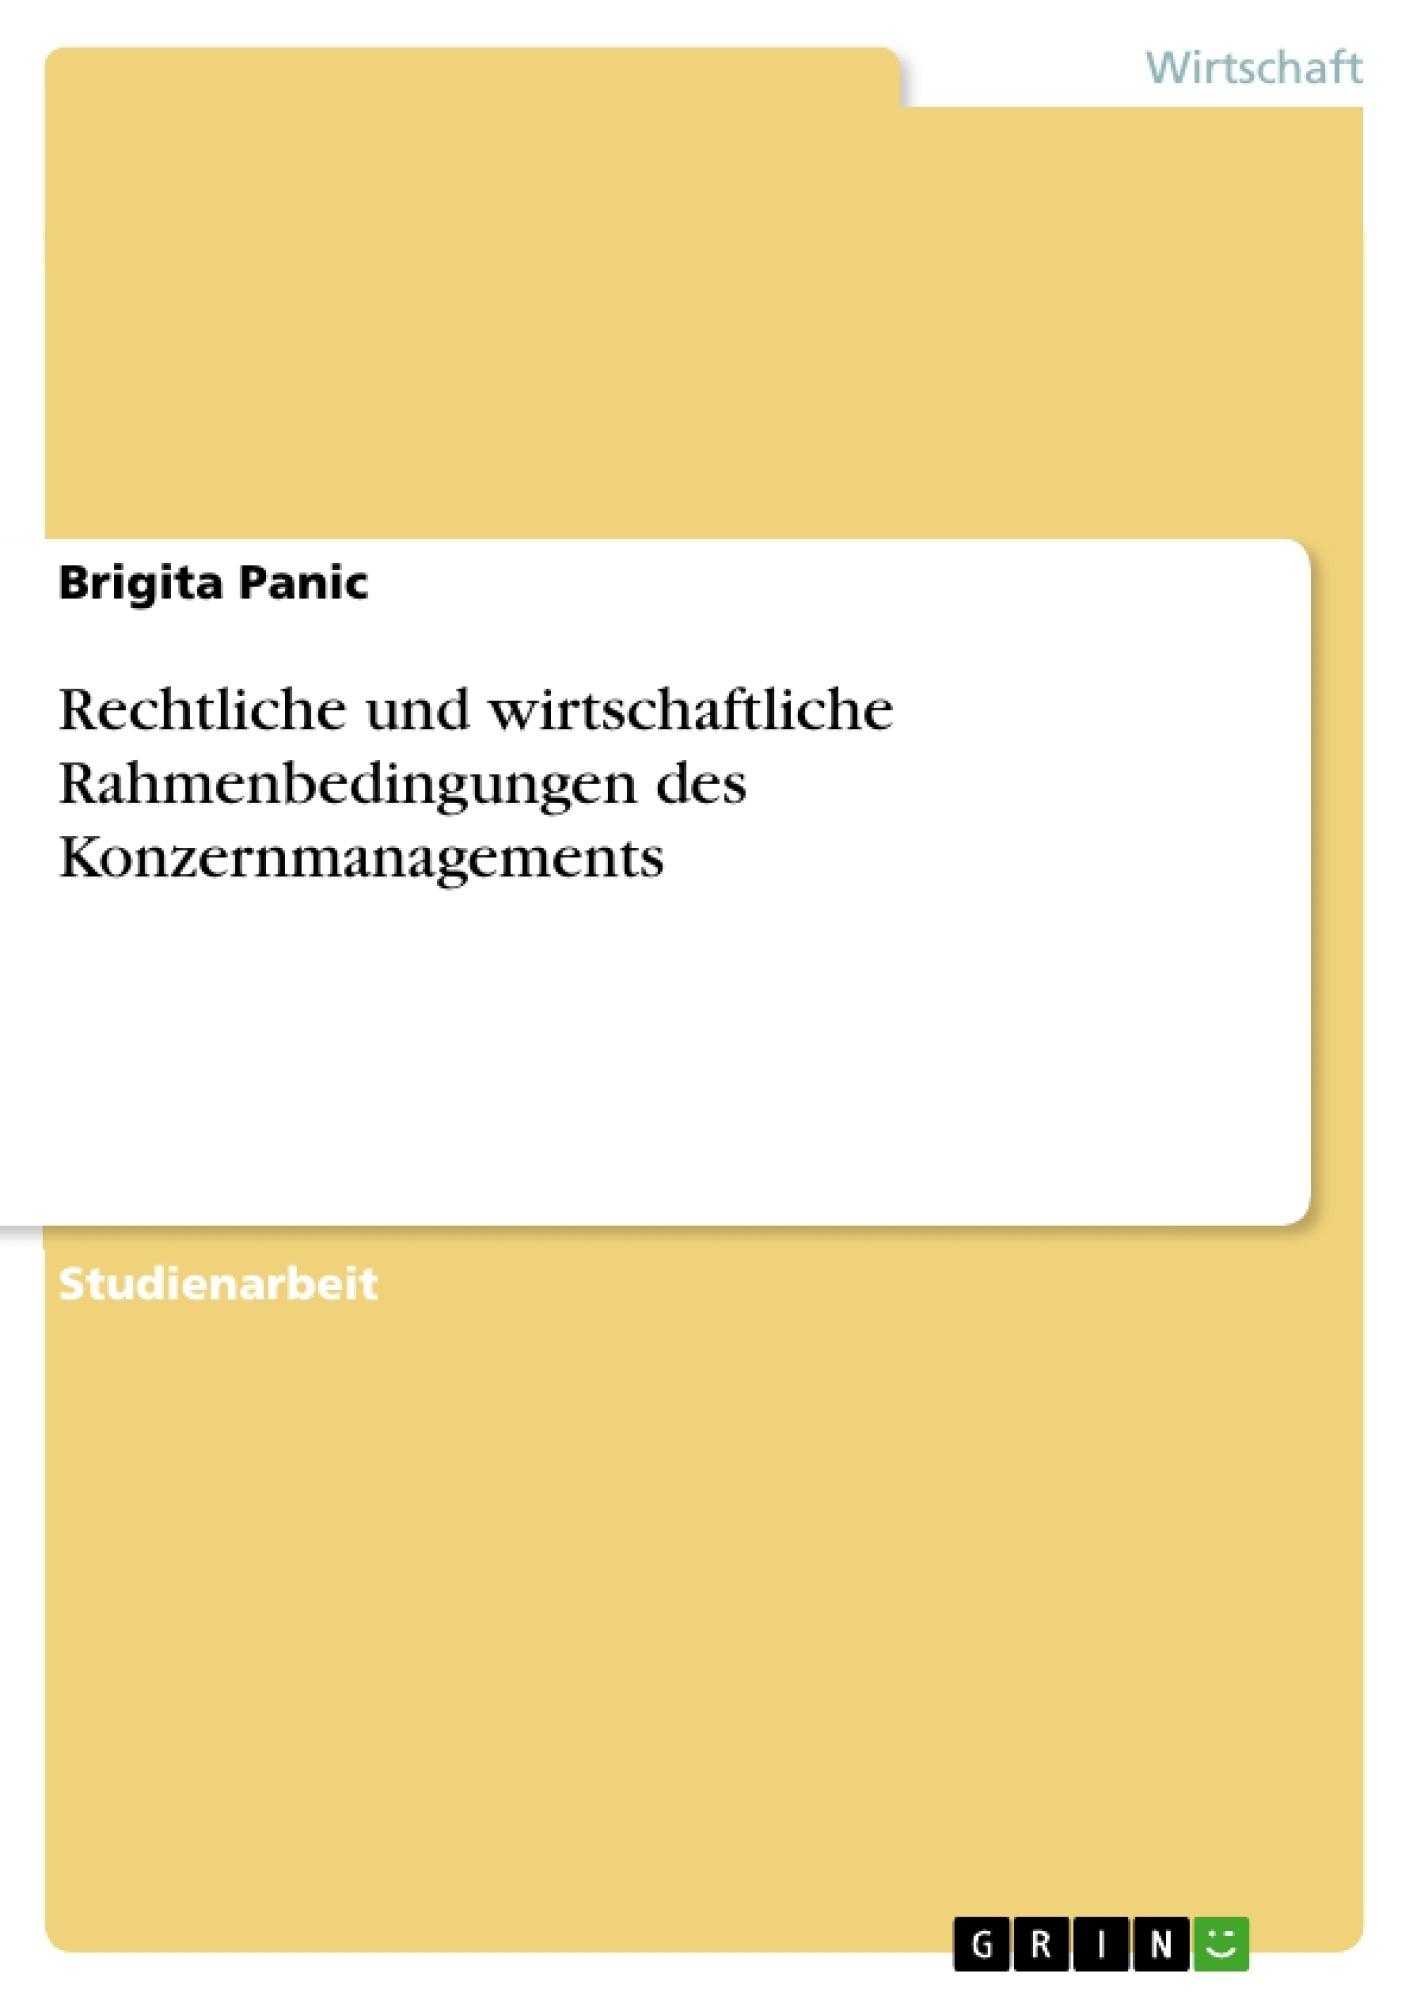 Titel: Rechtliche und wirtschaftliche Rahmenbedingungen des Konzernmanagements